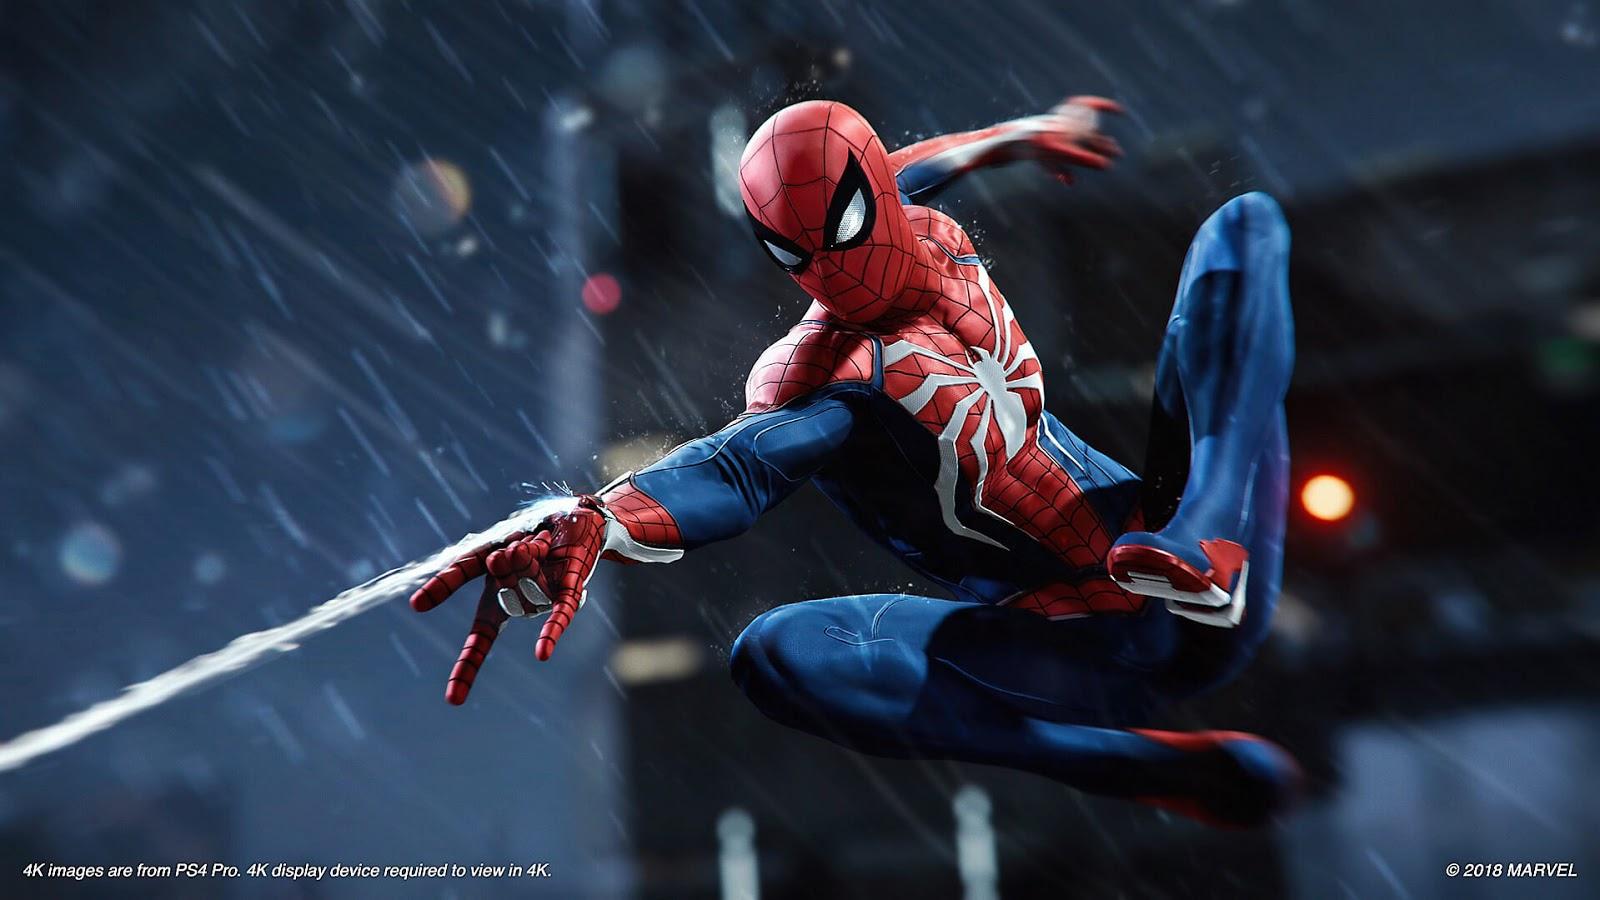 Marvel's Spider-Man DLC 'Turf Wars' New Trailer, Release Next Week